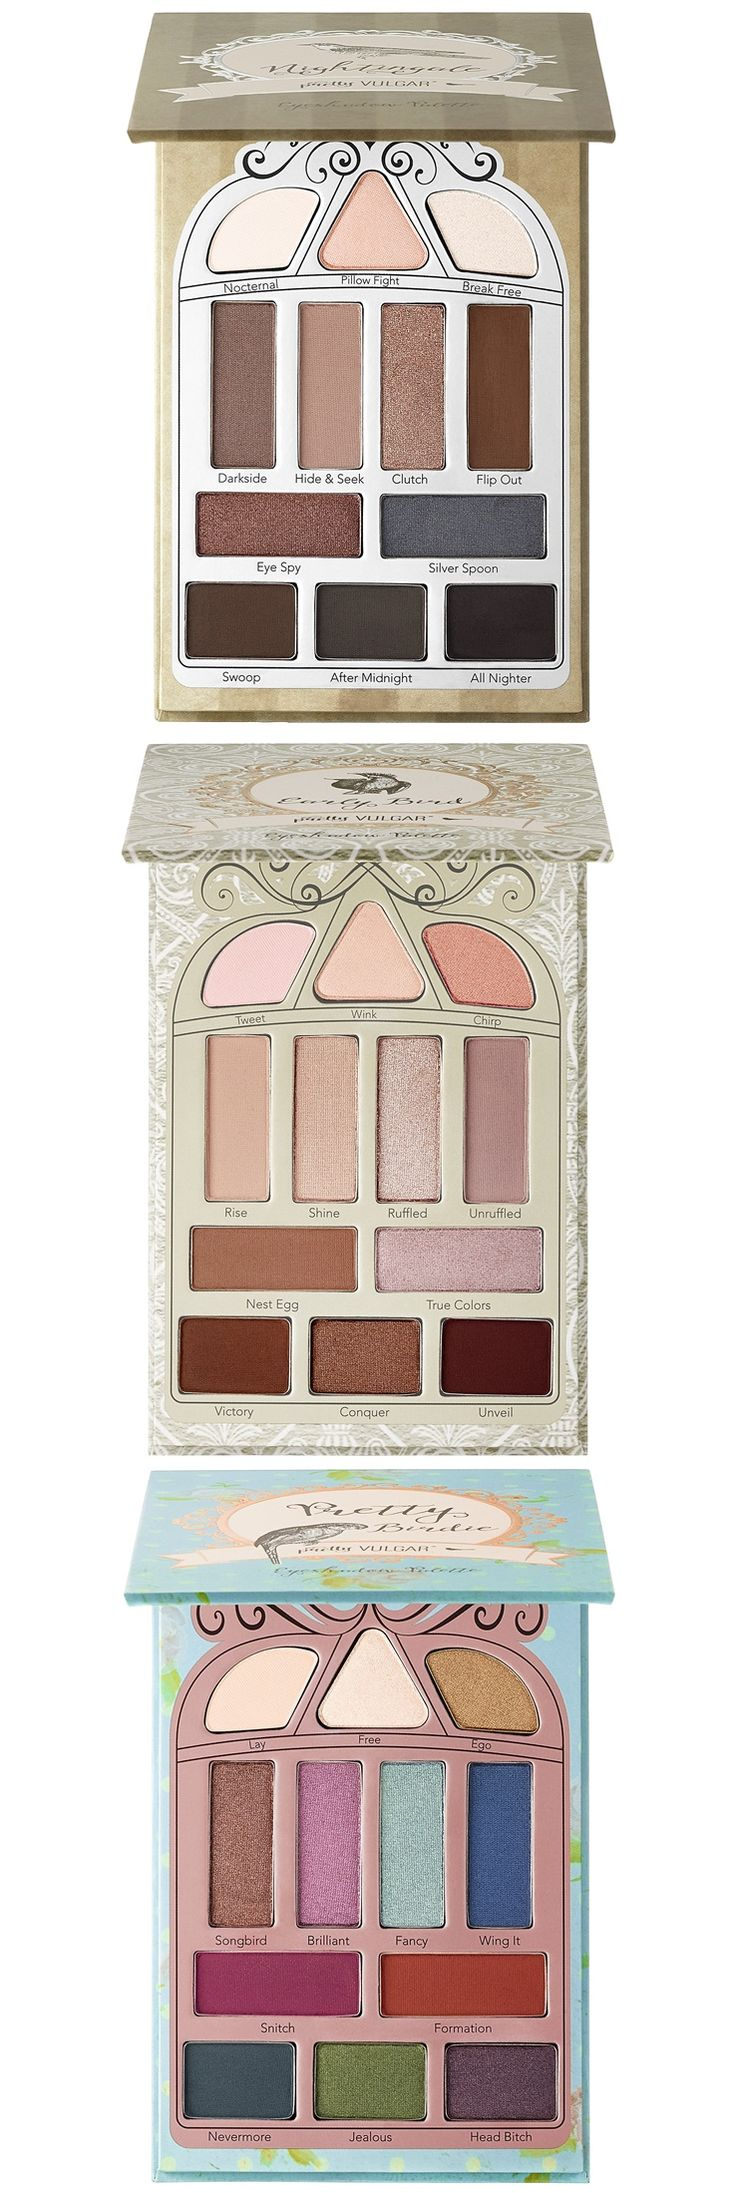 Pretty Vulgar Cosmetics Eyeshadow Palettes